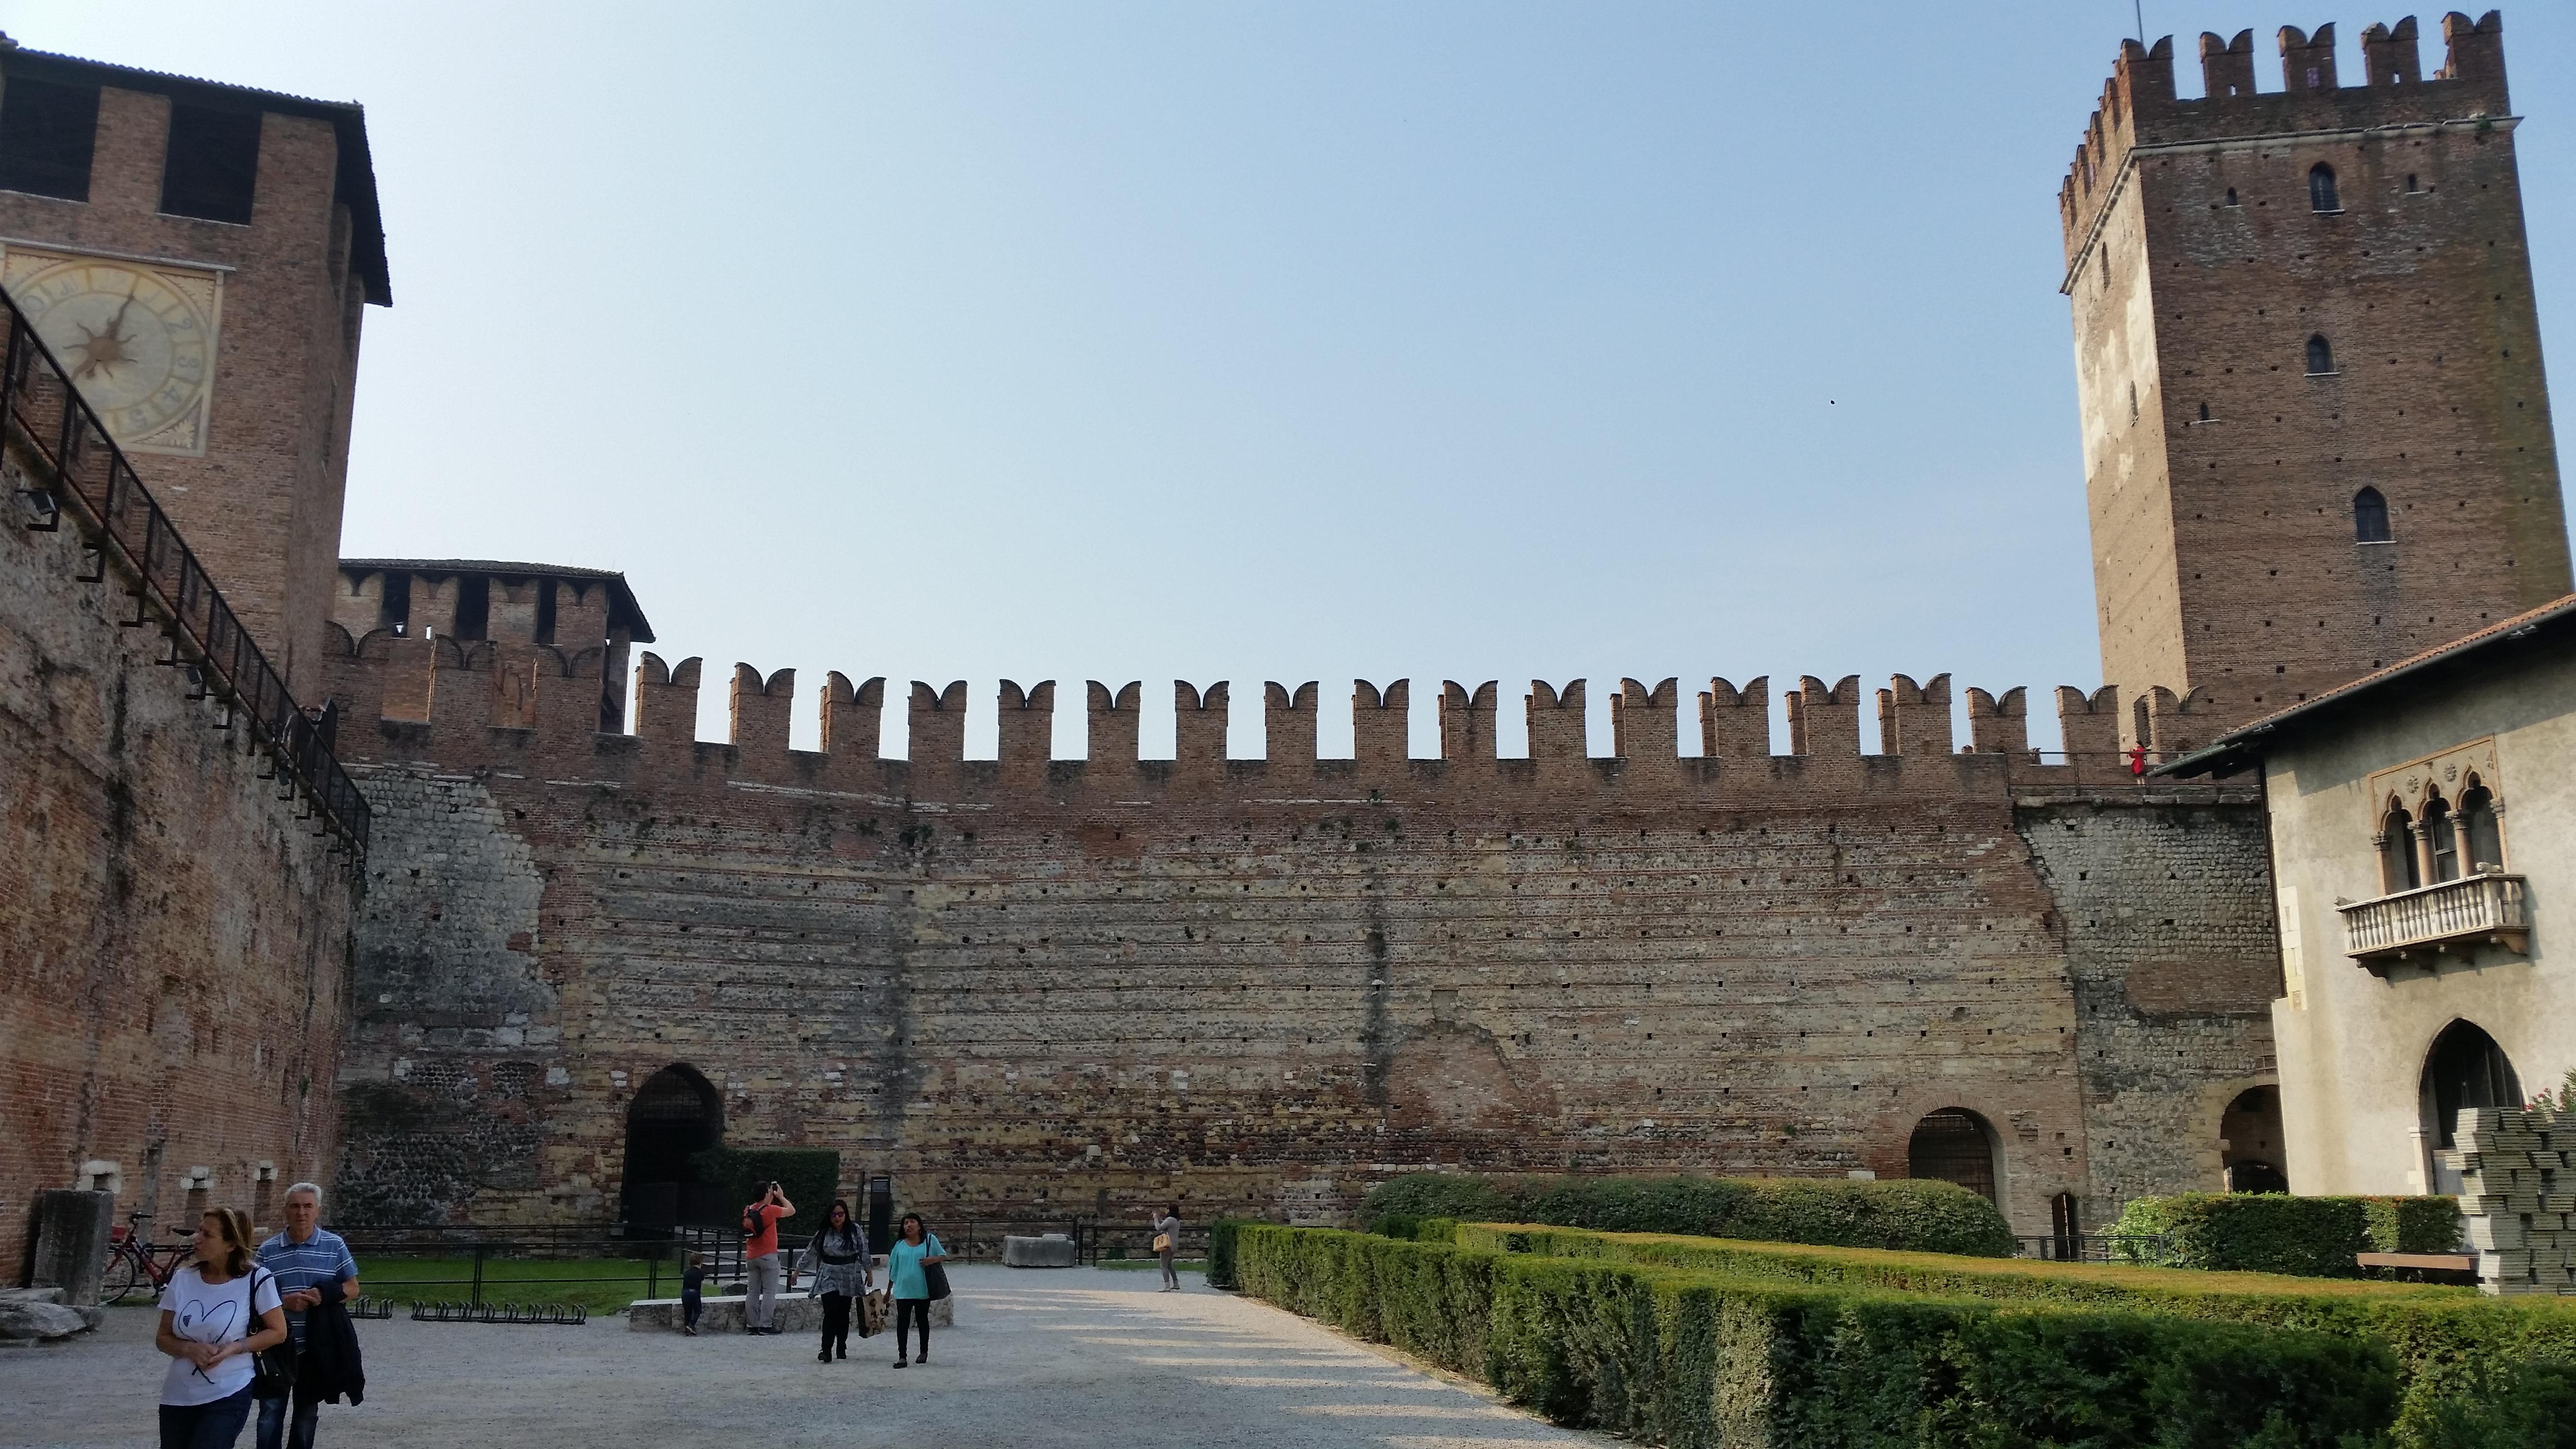 Museo Di Castelvecchio.File Museo Di Castelvecchio Verona Jpg Wikimedia Commons